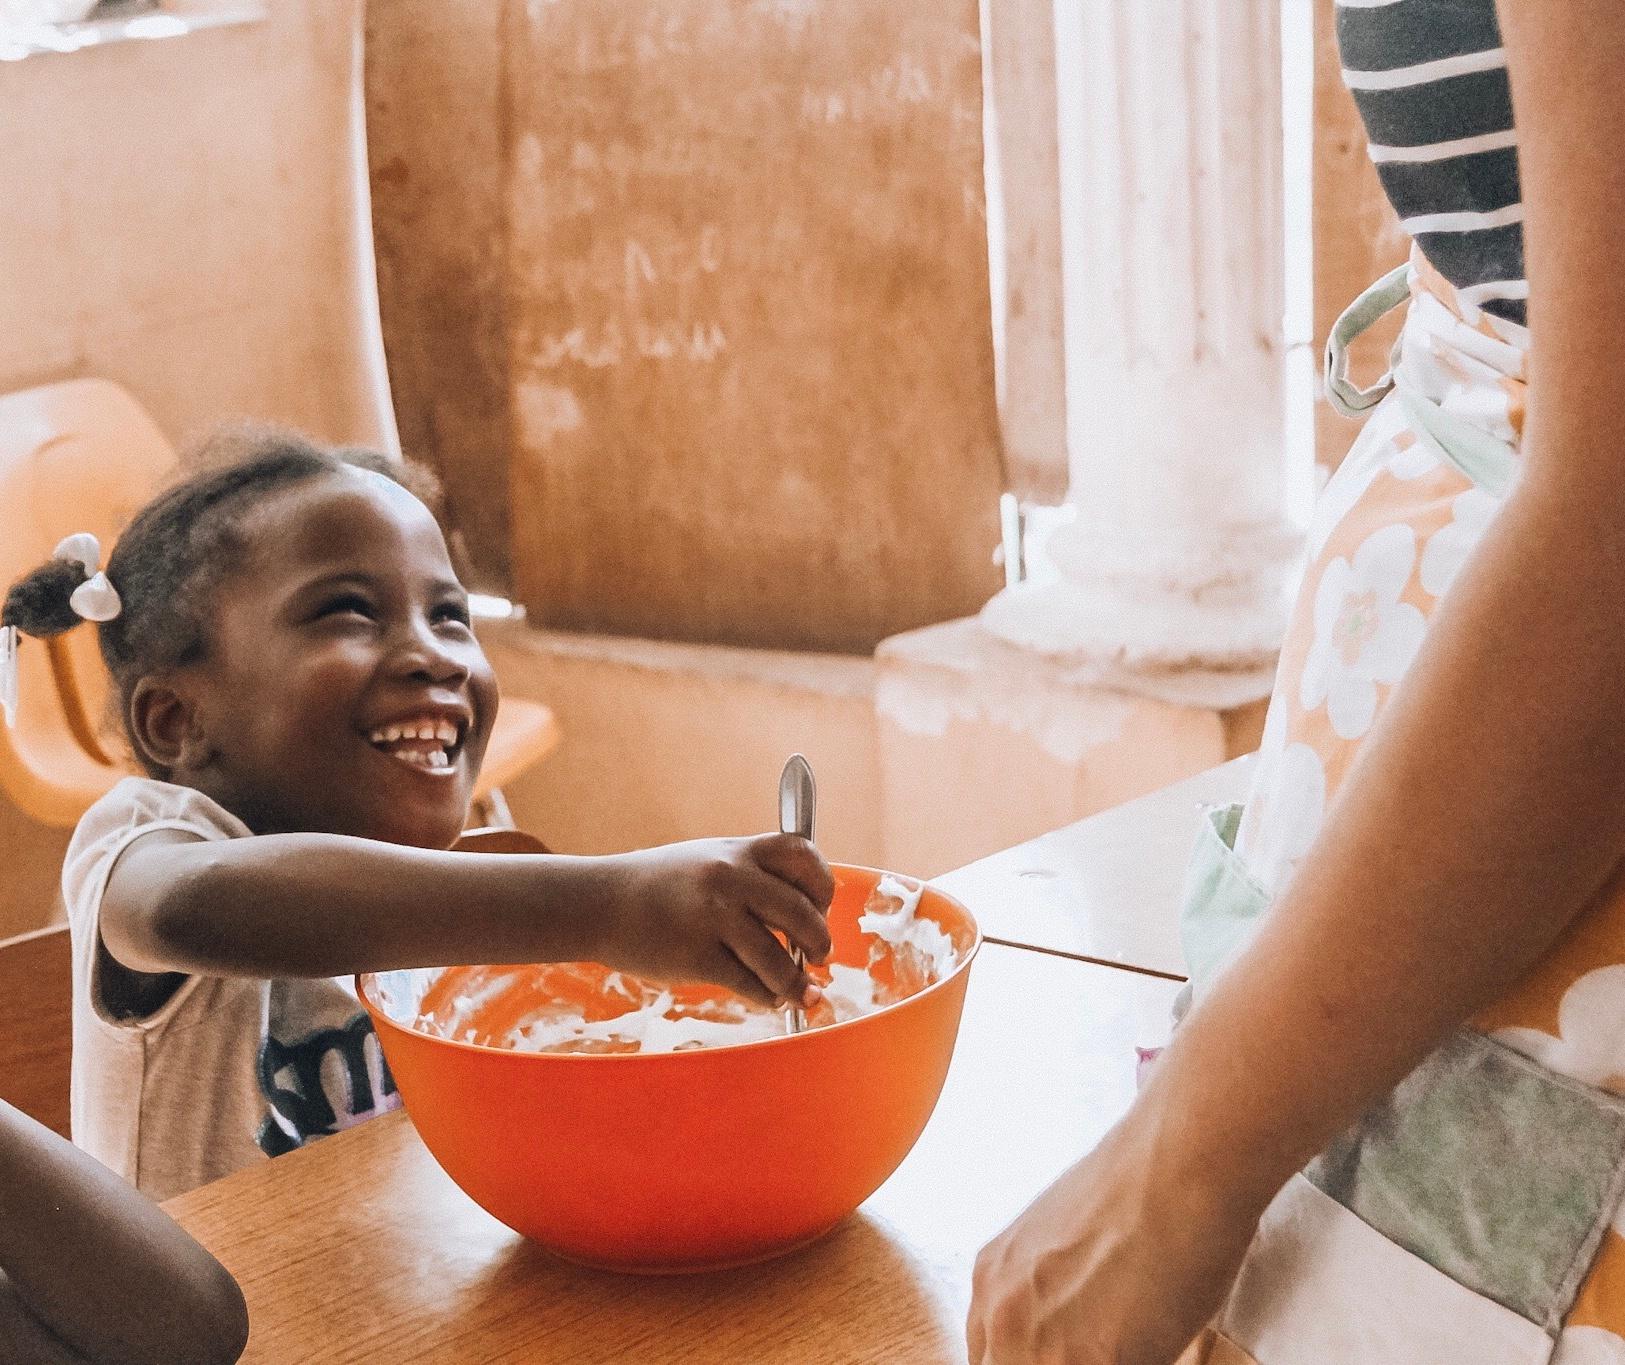 Volunteer in Haiti